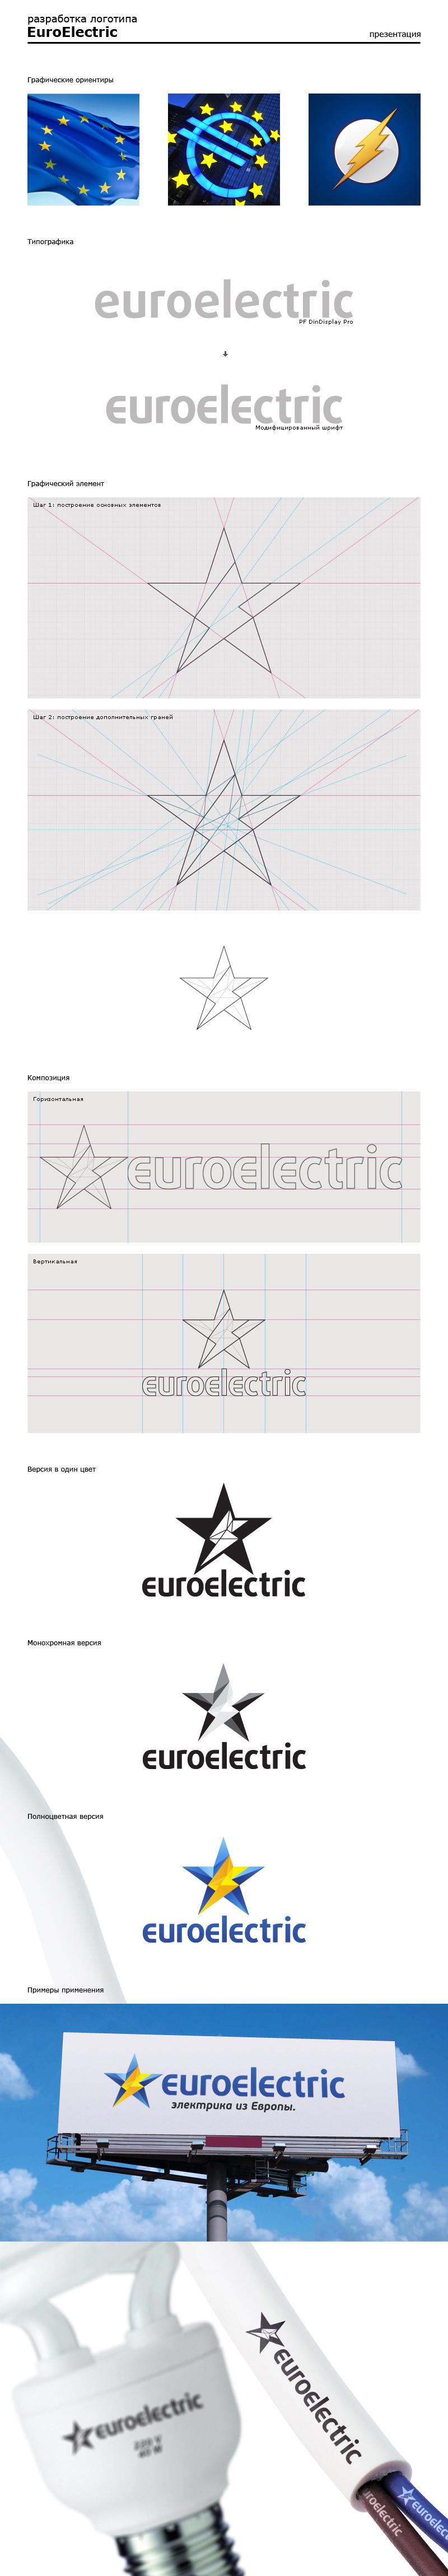 лого евроэлектрик